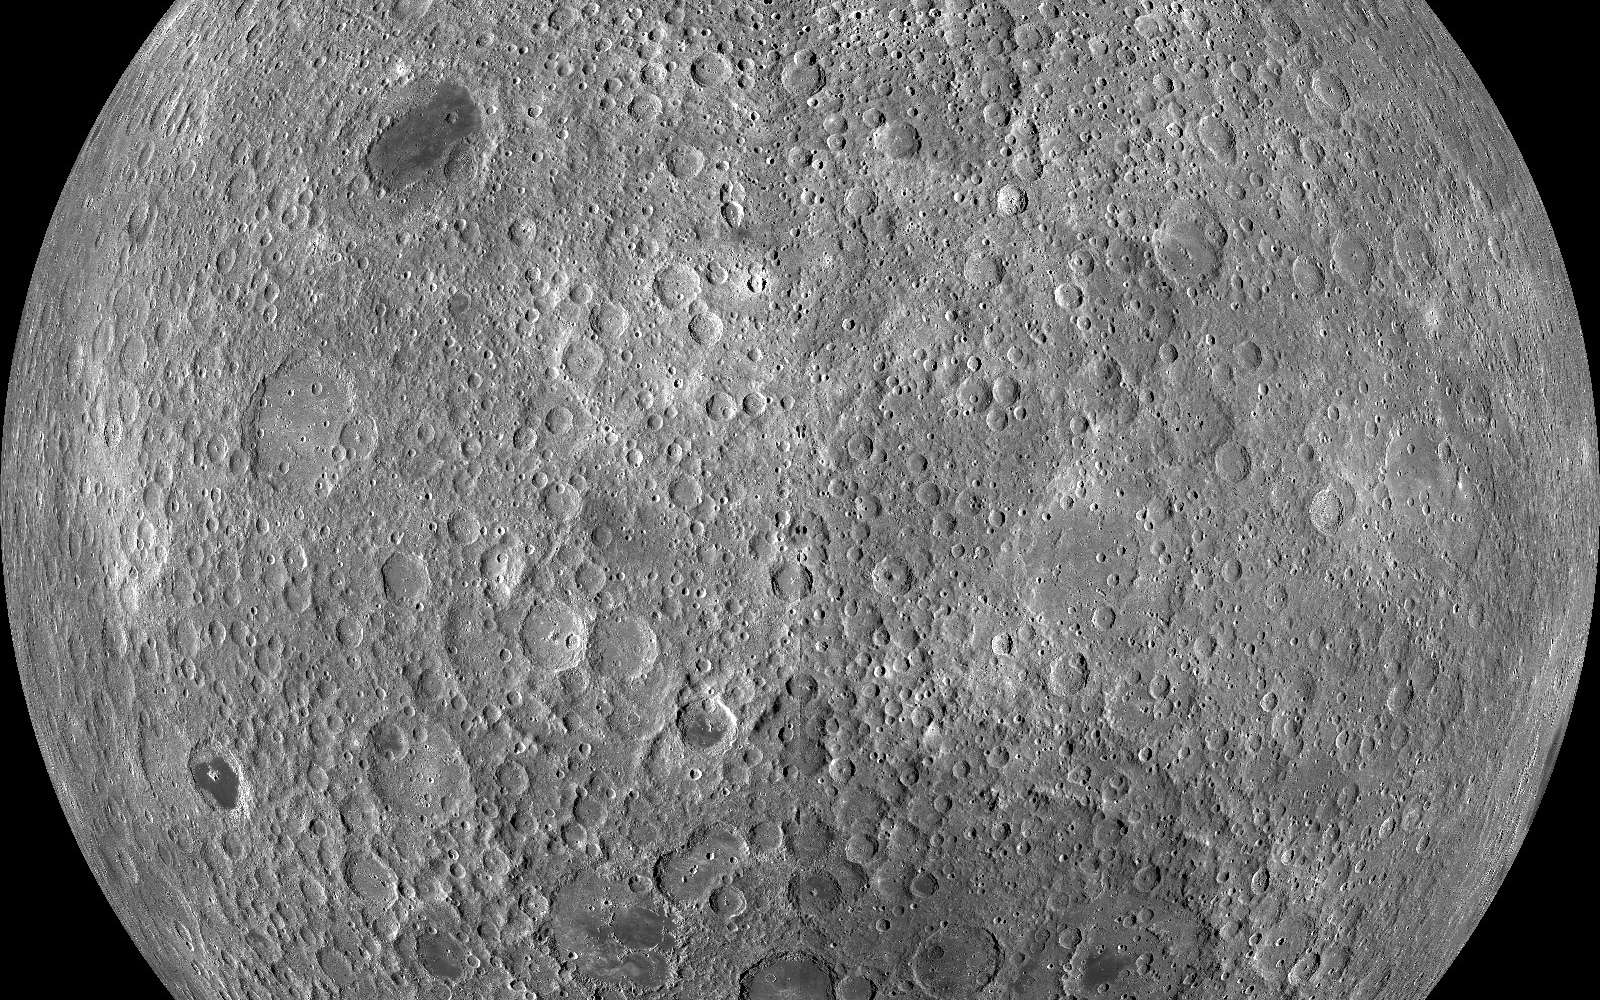 La face cachée de la Lune, comme on ne l'avait jamais vue. © Nasa/GSFC/Arizona State University